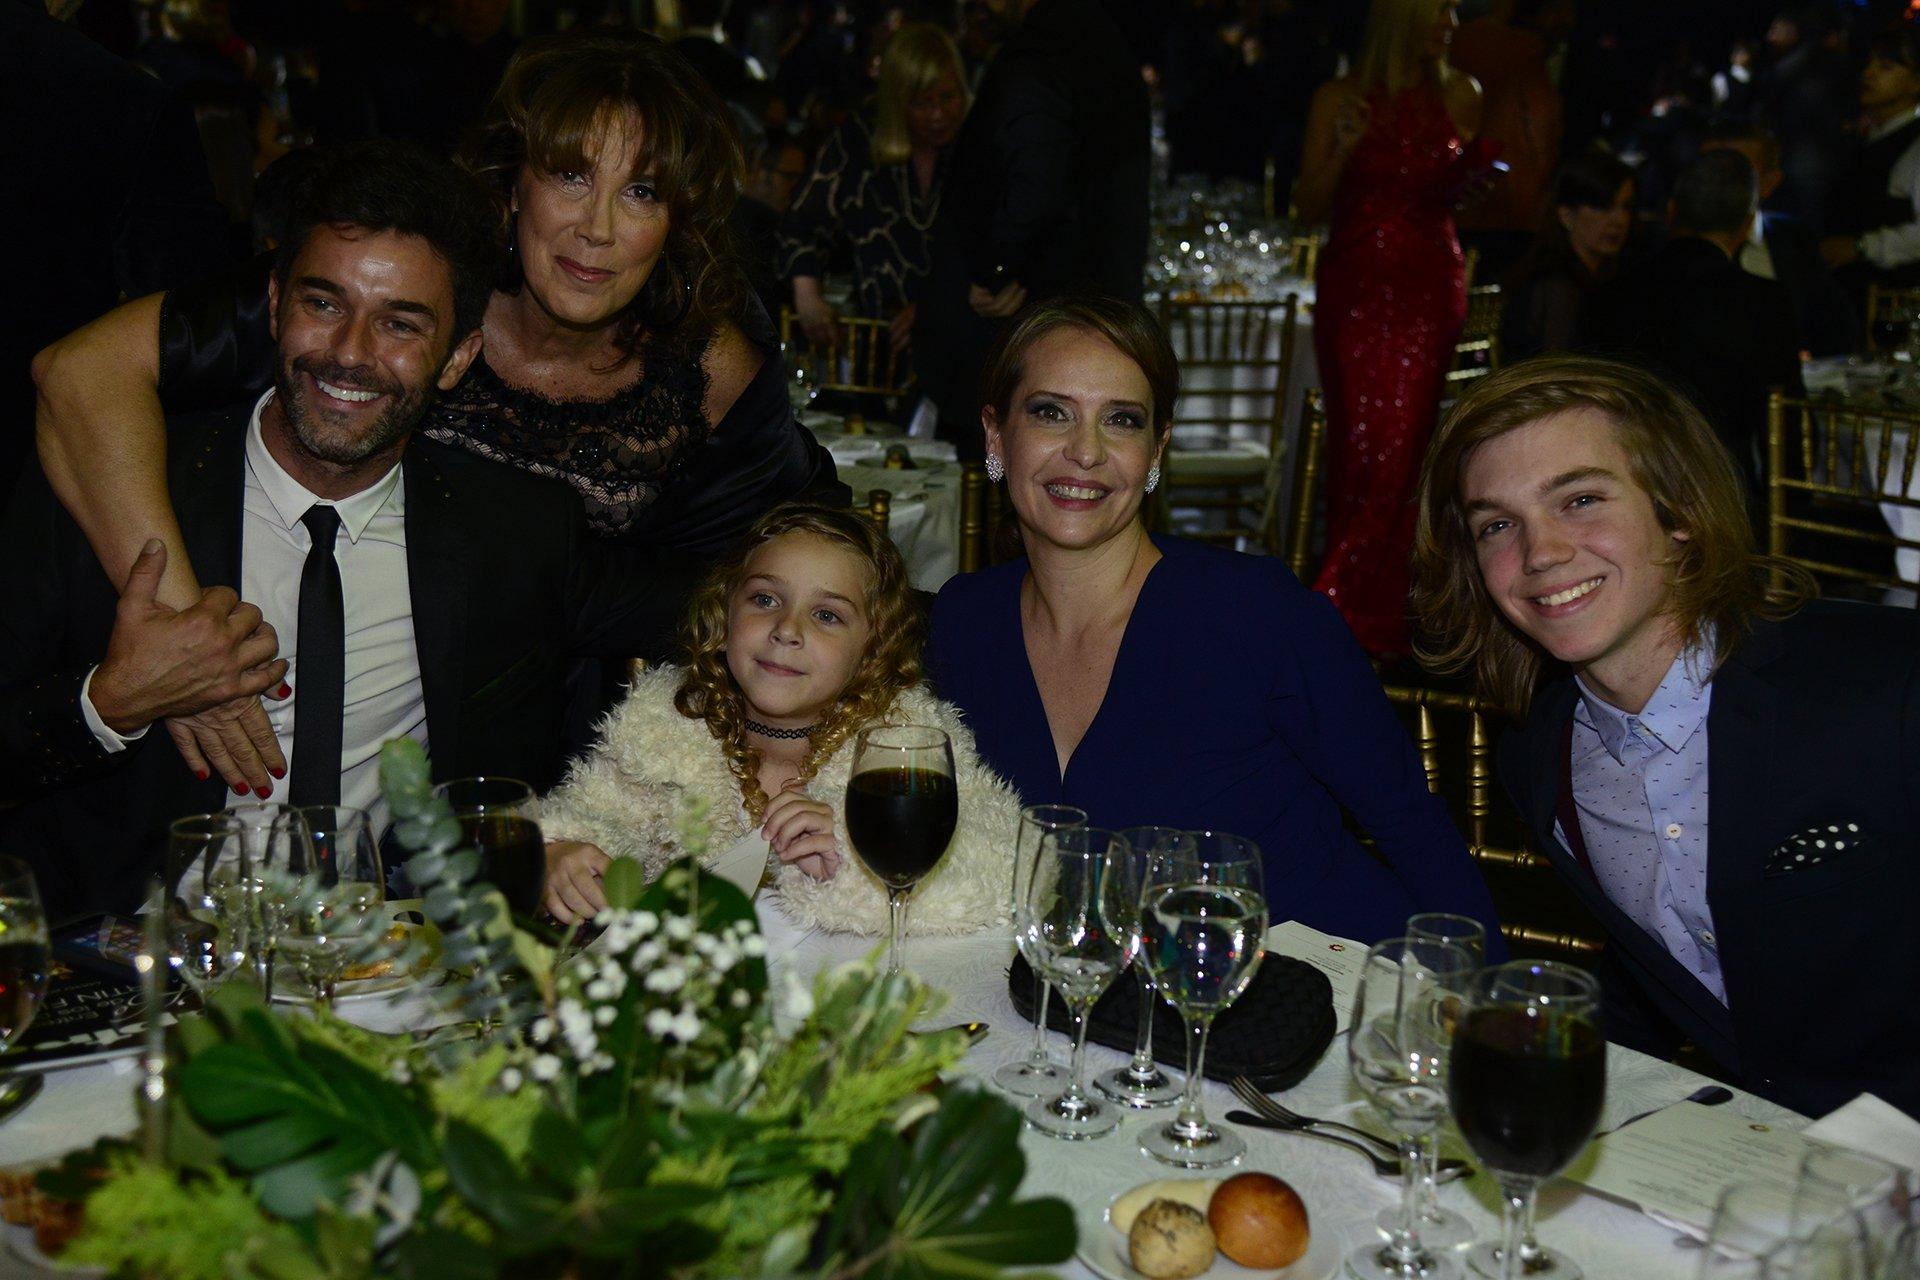 Mariano Martínez junto a su hija Olivia, Gabriela Toscano y Franco Massini, en la noche de los Martín Fierro 2016